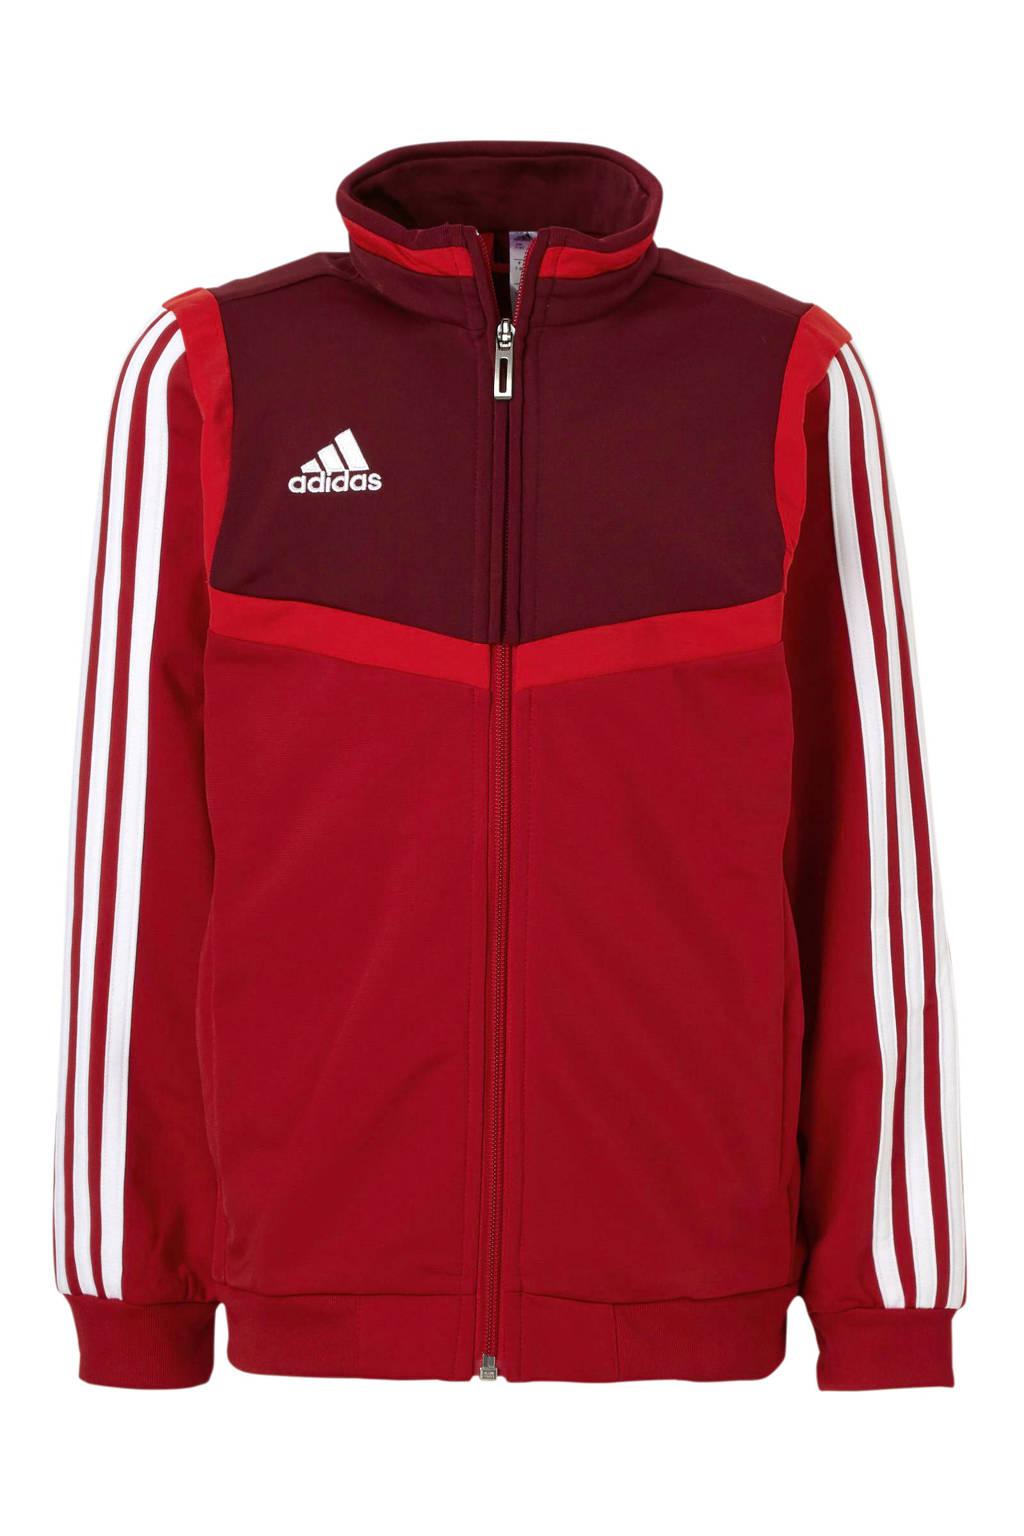 adidas performance   sportvest rood, Rood/bordeauxrood/wit